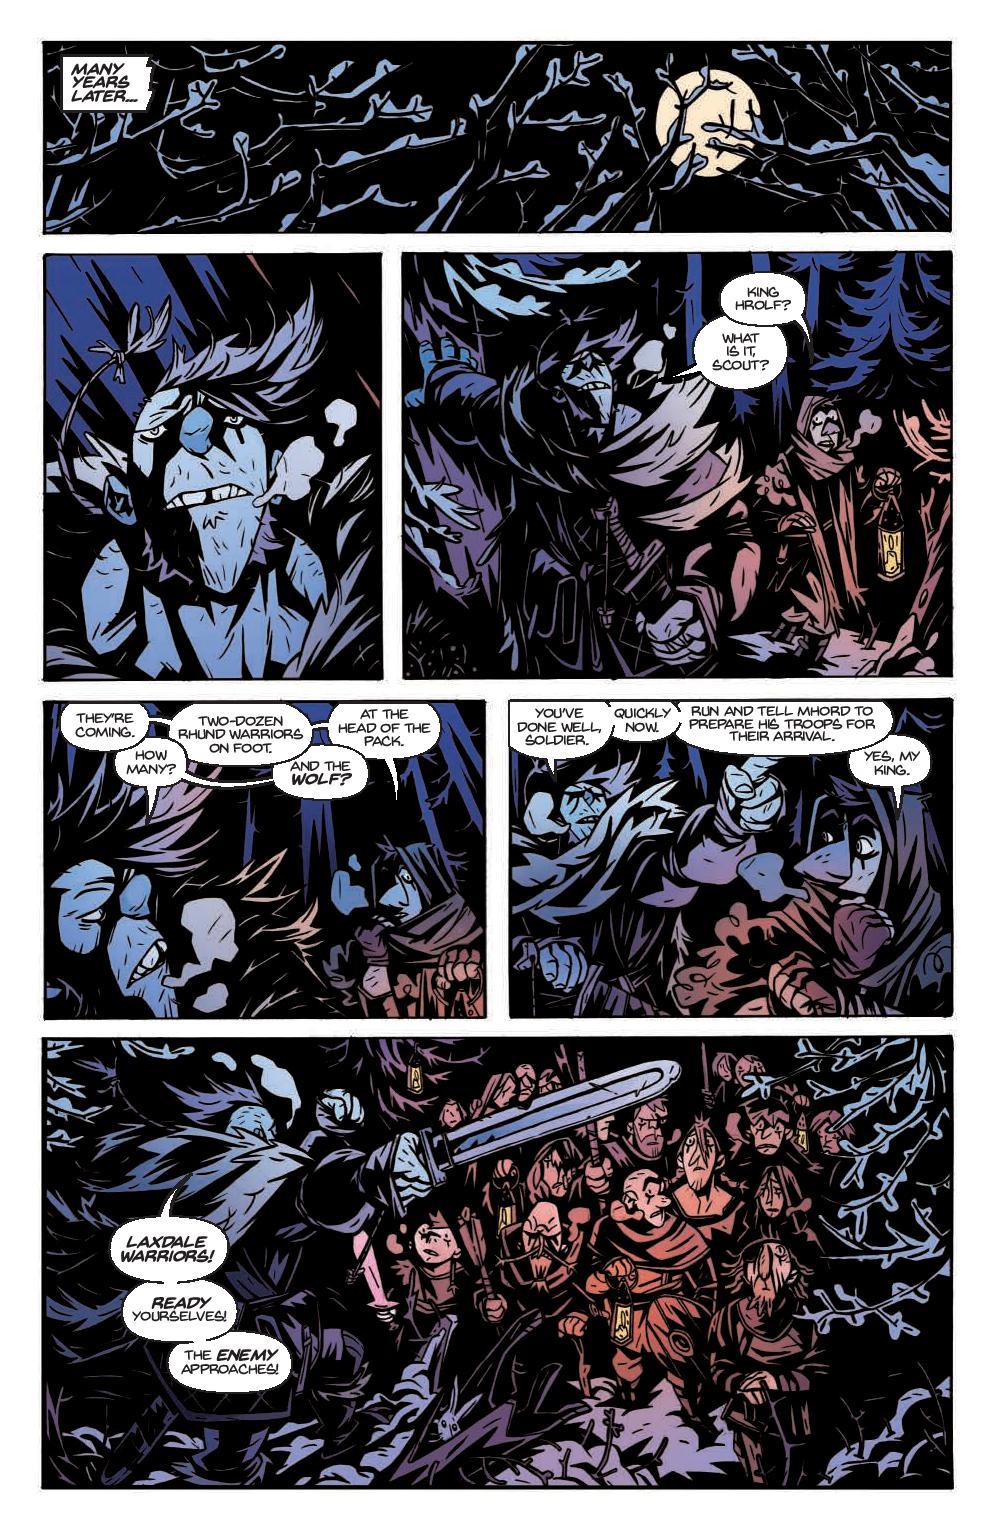 SpiderKing_01-pr-page-006